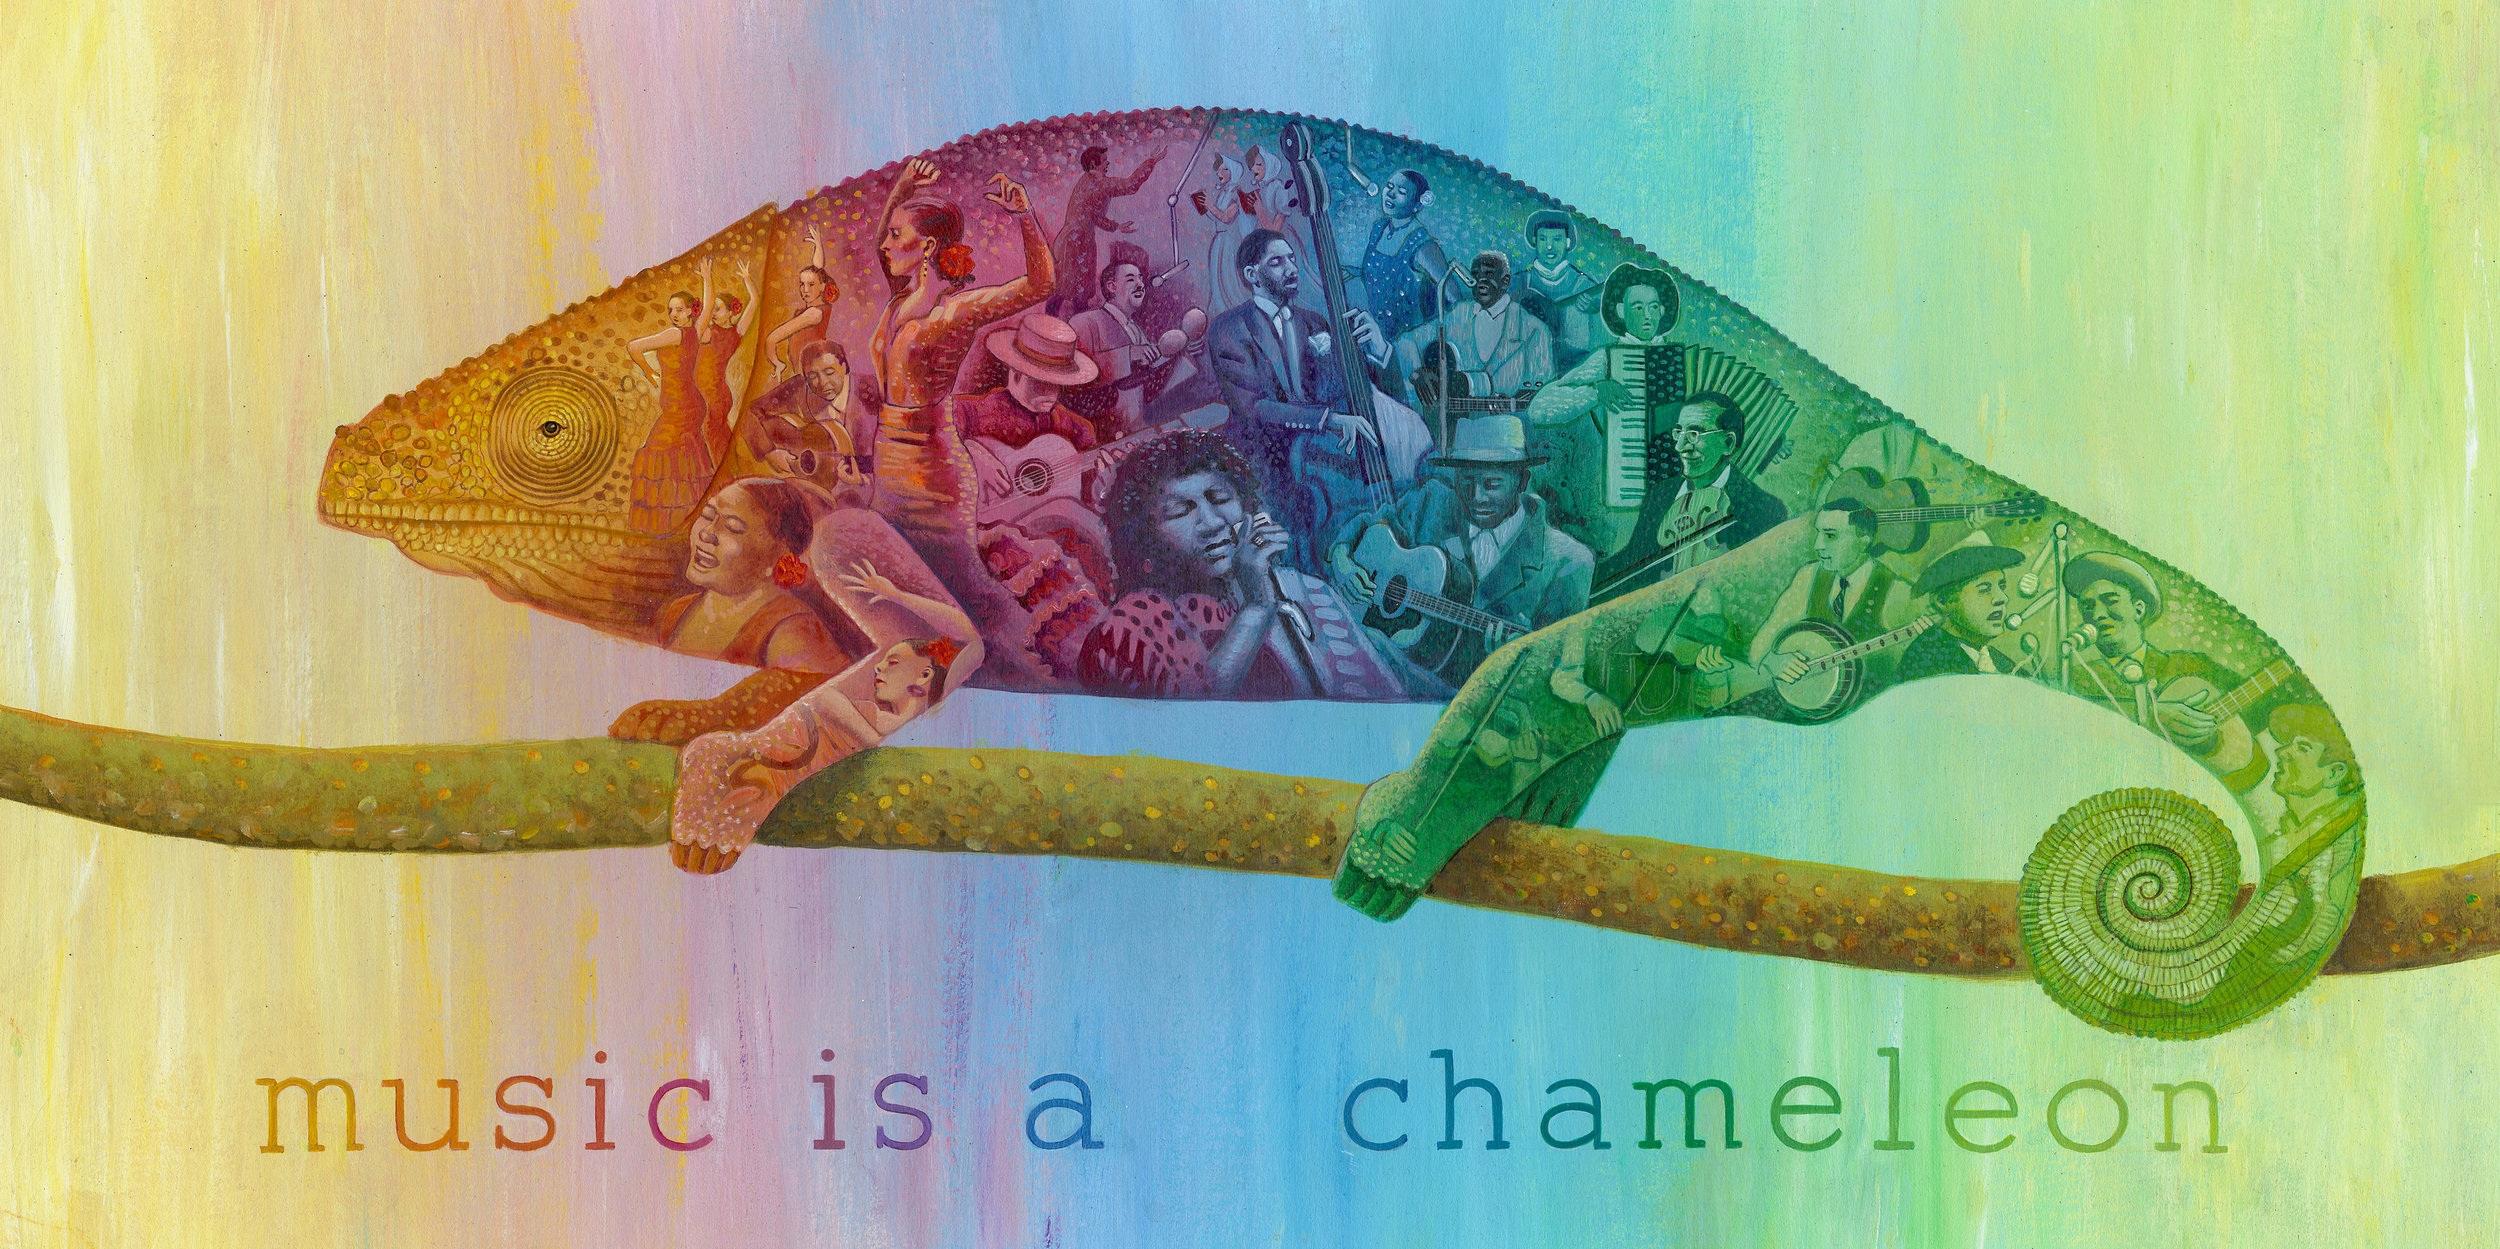 Leonard-musicisachameleon.jpg